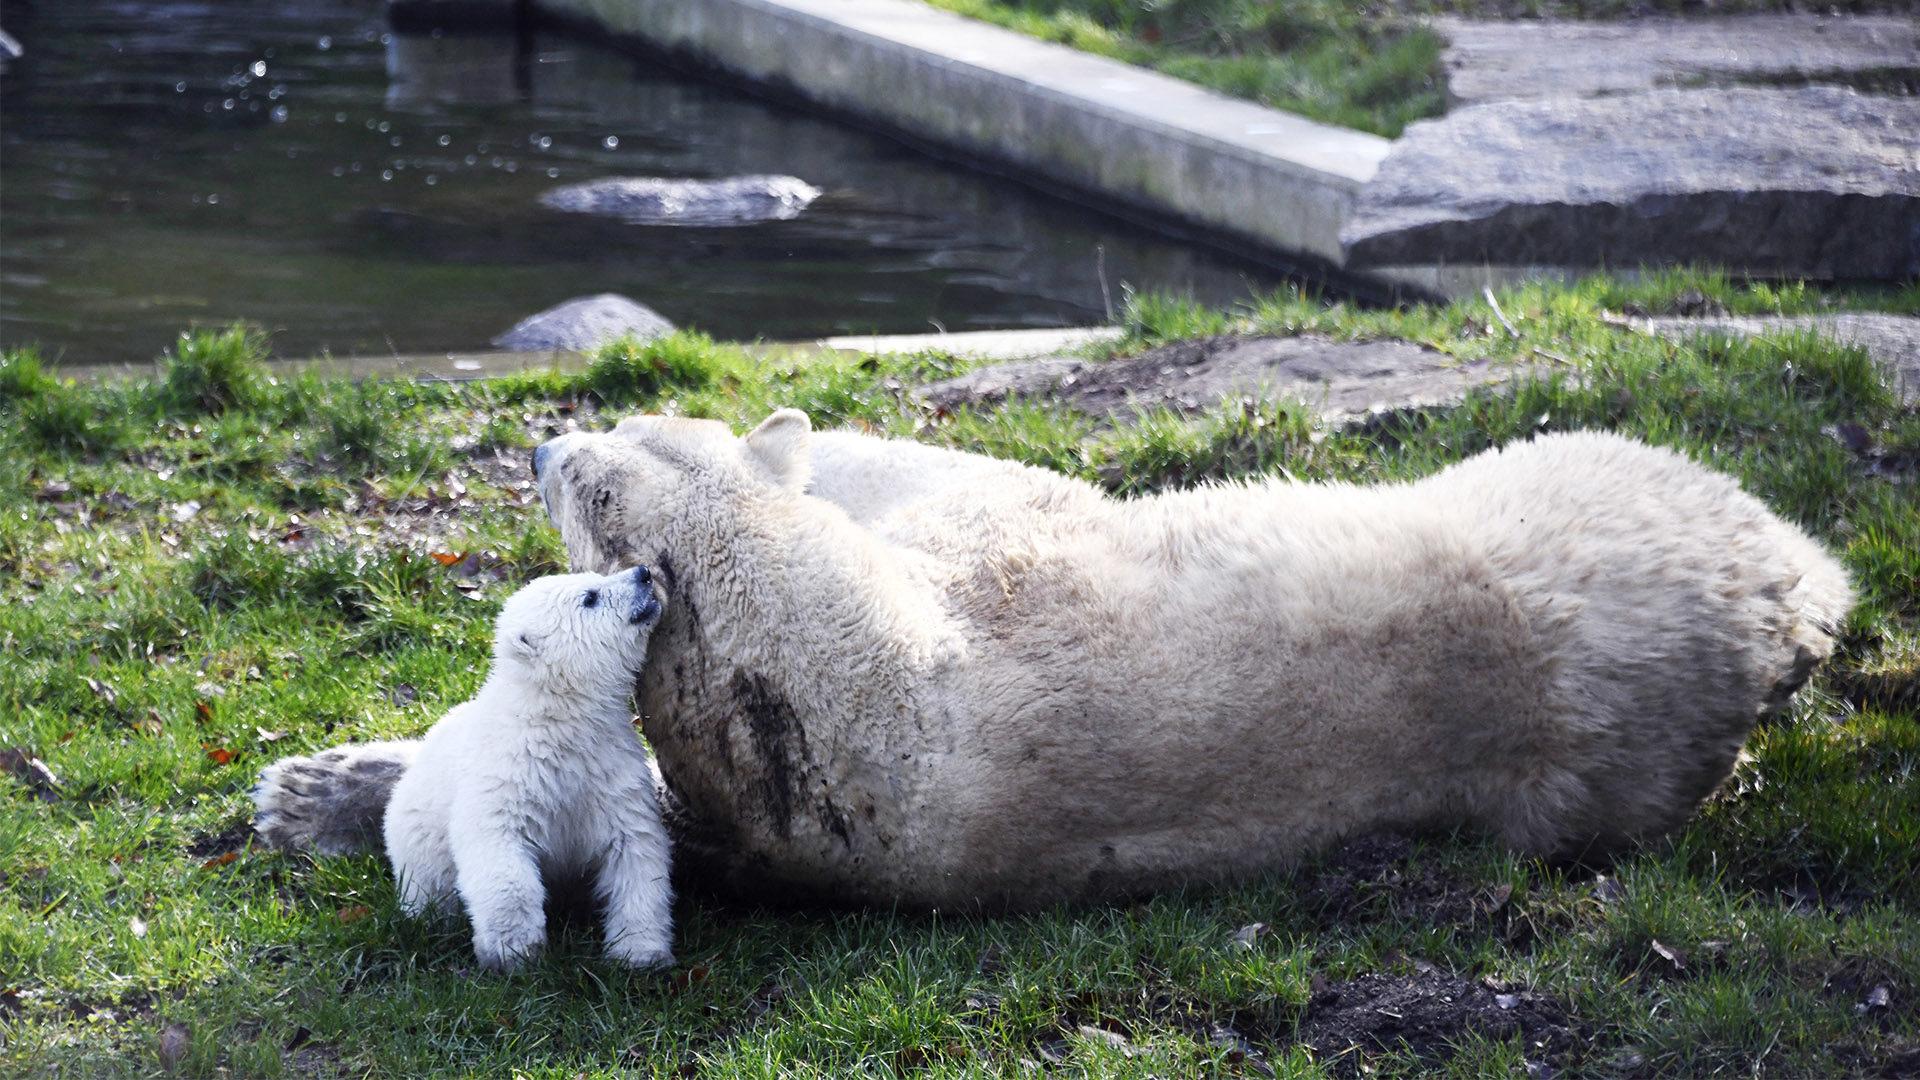 Découvrir l'ourson Kara | Zoo de Mulhouse, parc zoologique et botanique